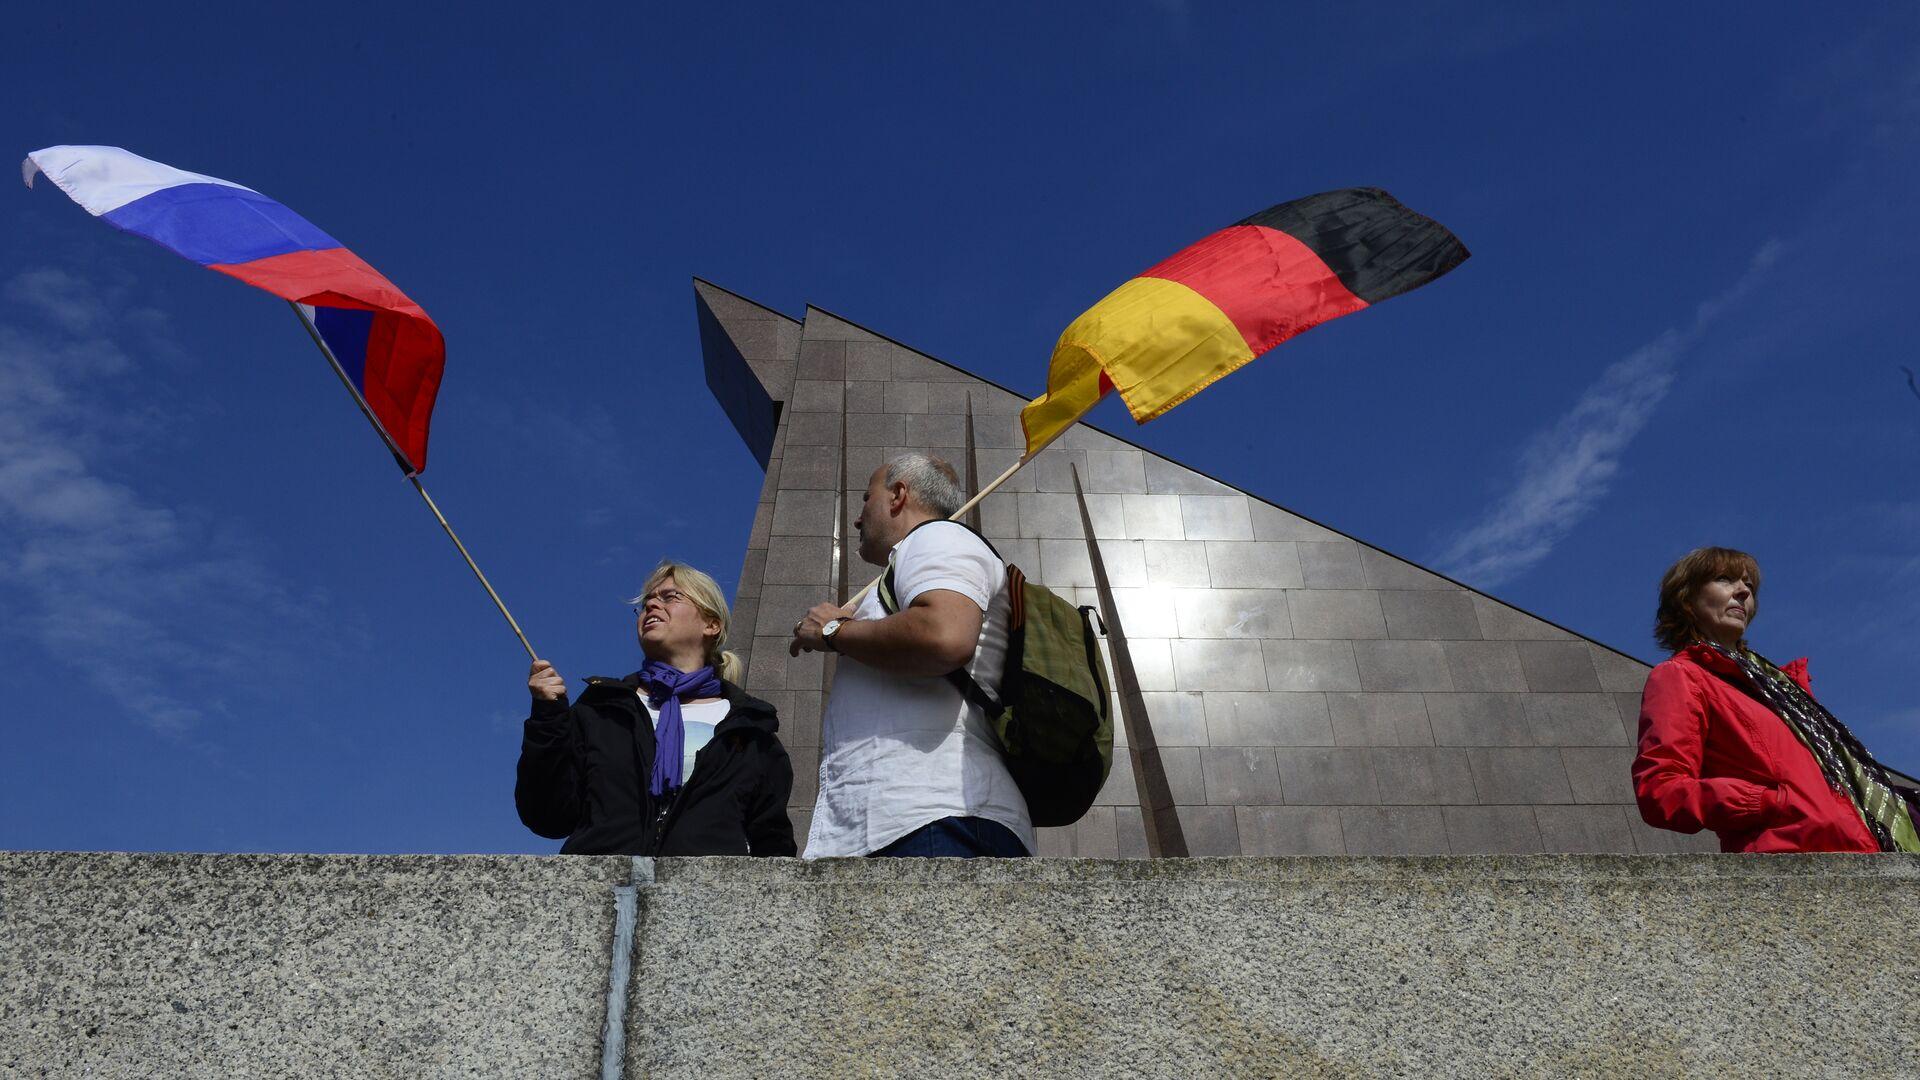 Người Đức thấy Nga là đối tác có giá hơn Mỹ - Sputnik Việt Nam, 1920, 27.09.2021